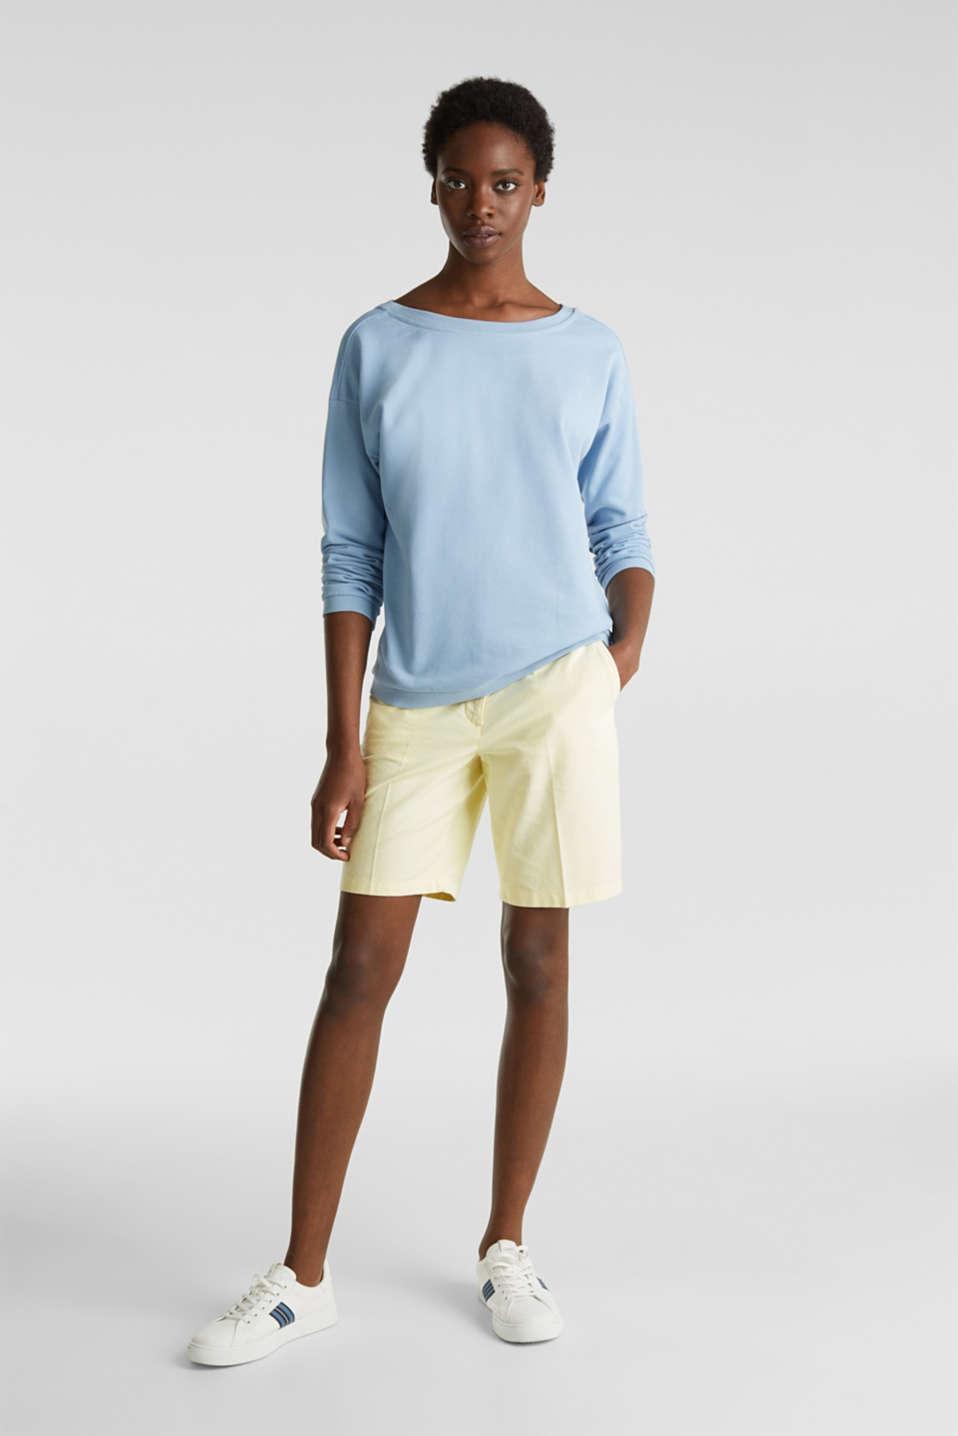 Sweatshirt with a back neckline, LIGHT BLUE, detail image number 1